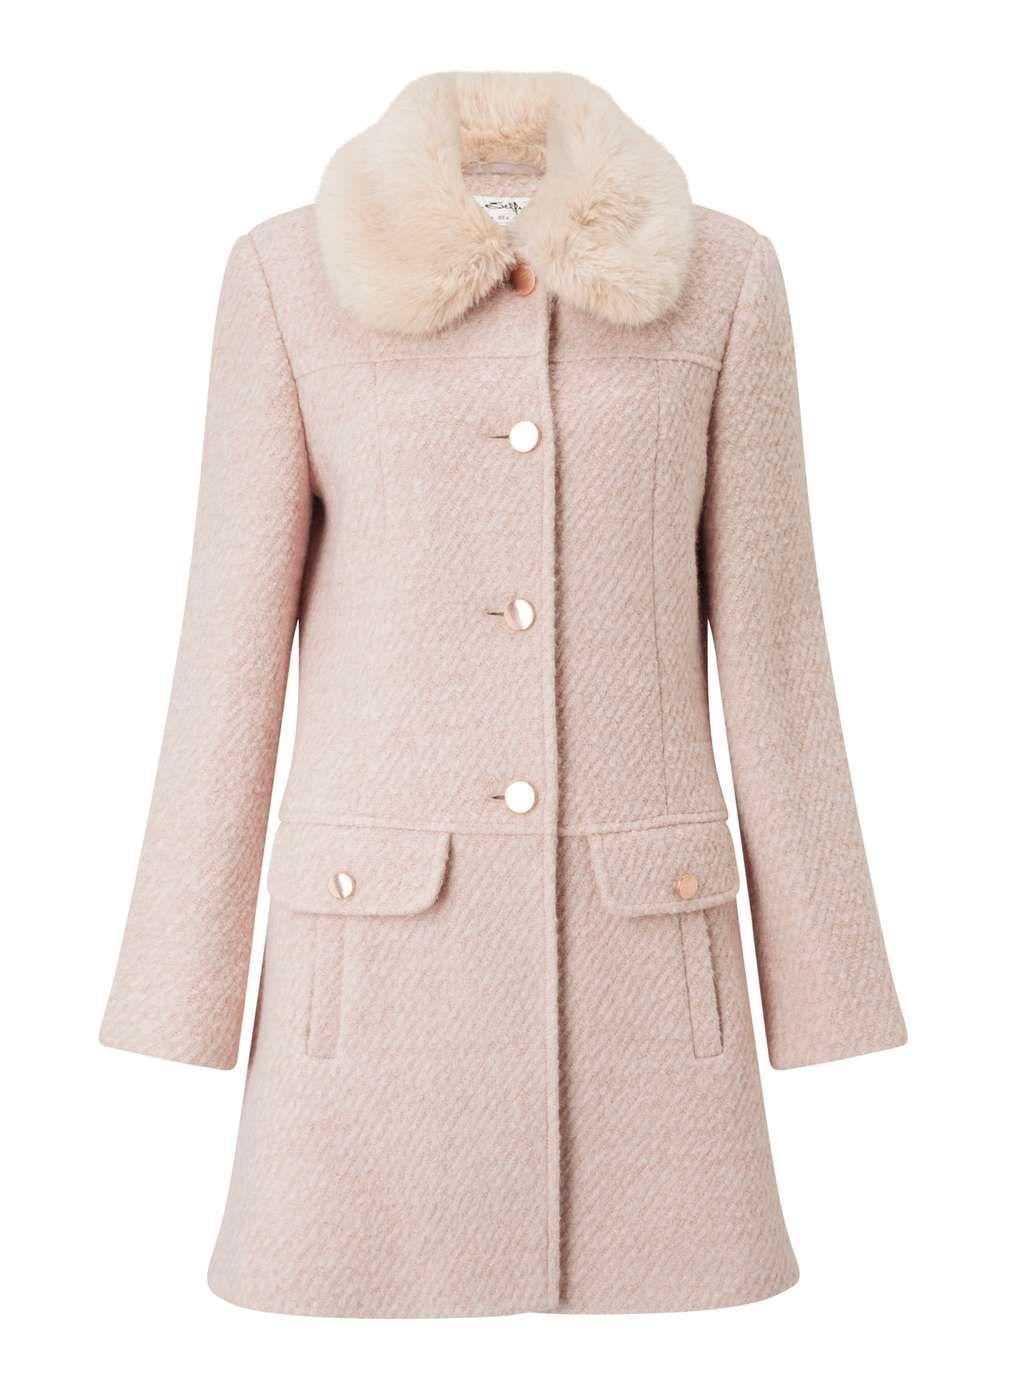 20 Best Coats images | Coat, Fashion, Clothes